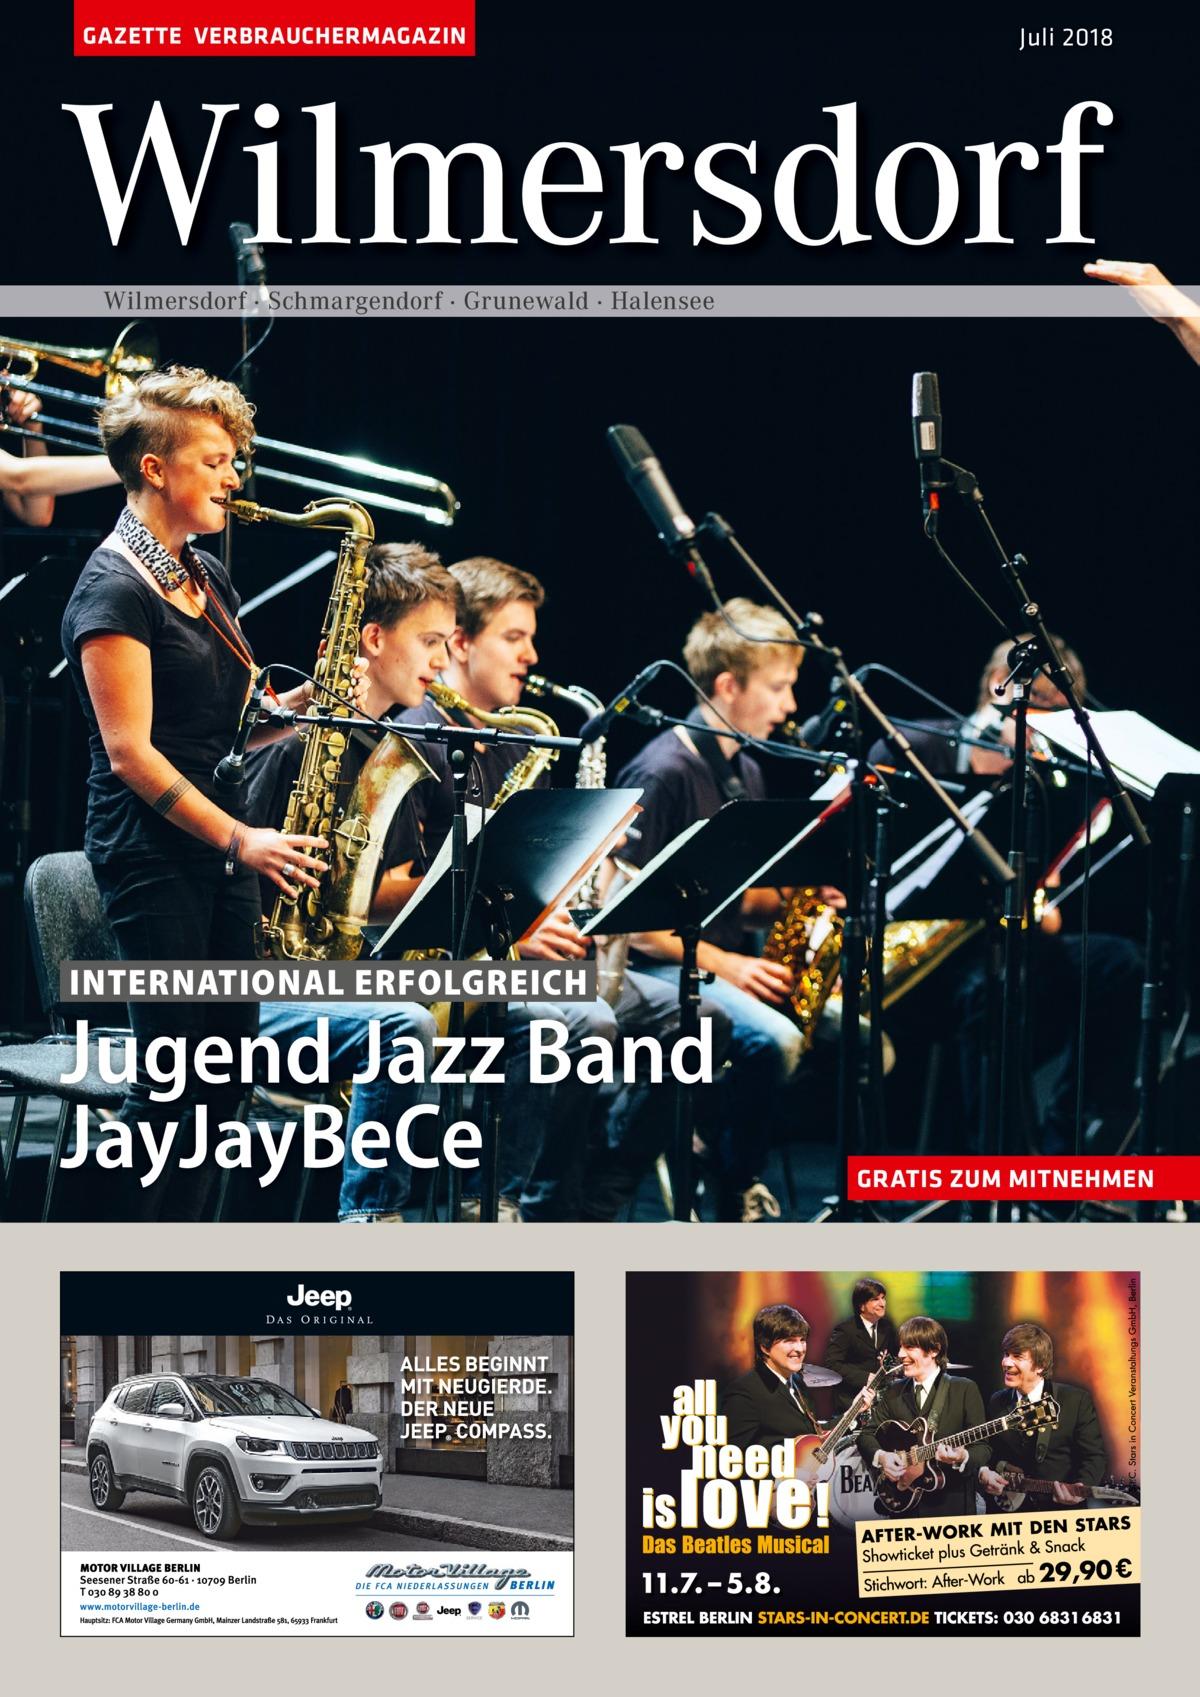 GAZETTE VERBRAUCHERMAGAZIN  Juli 2018  Wilmersdorf Wilmersdorf · Schmargendorf · Grunewald · Halensee  INTERNATIONAL ERFOLGREICH  Jugend Jazz Band JayJayBeCe  GRATIS ZUM MITNEHMEN